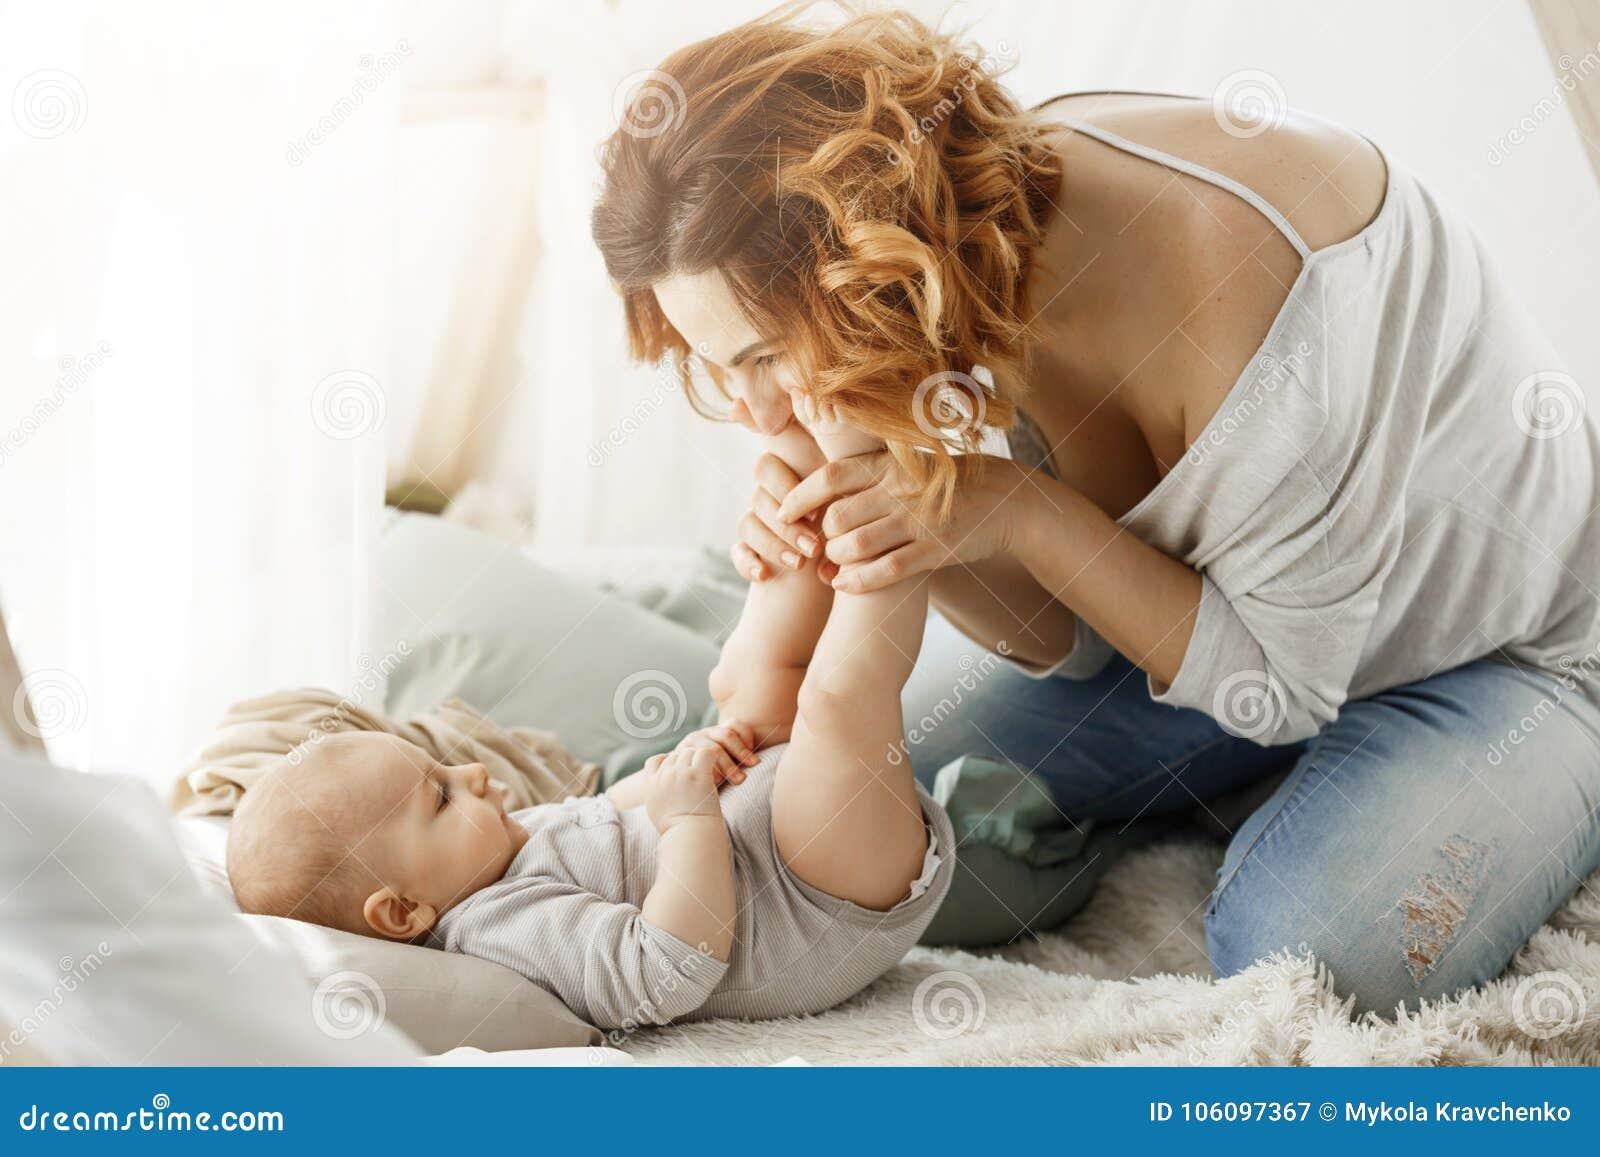 Kussen Voor Baby : Baby met mutsje op kussen zeepjeshuis